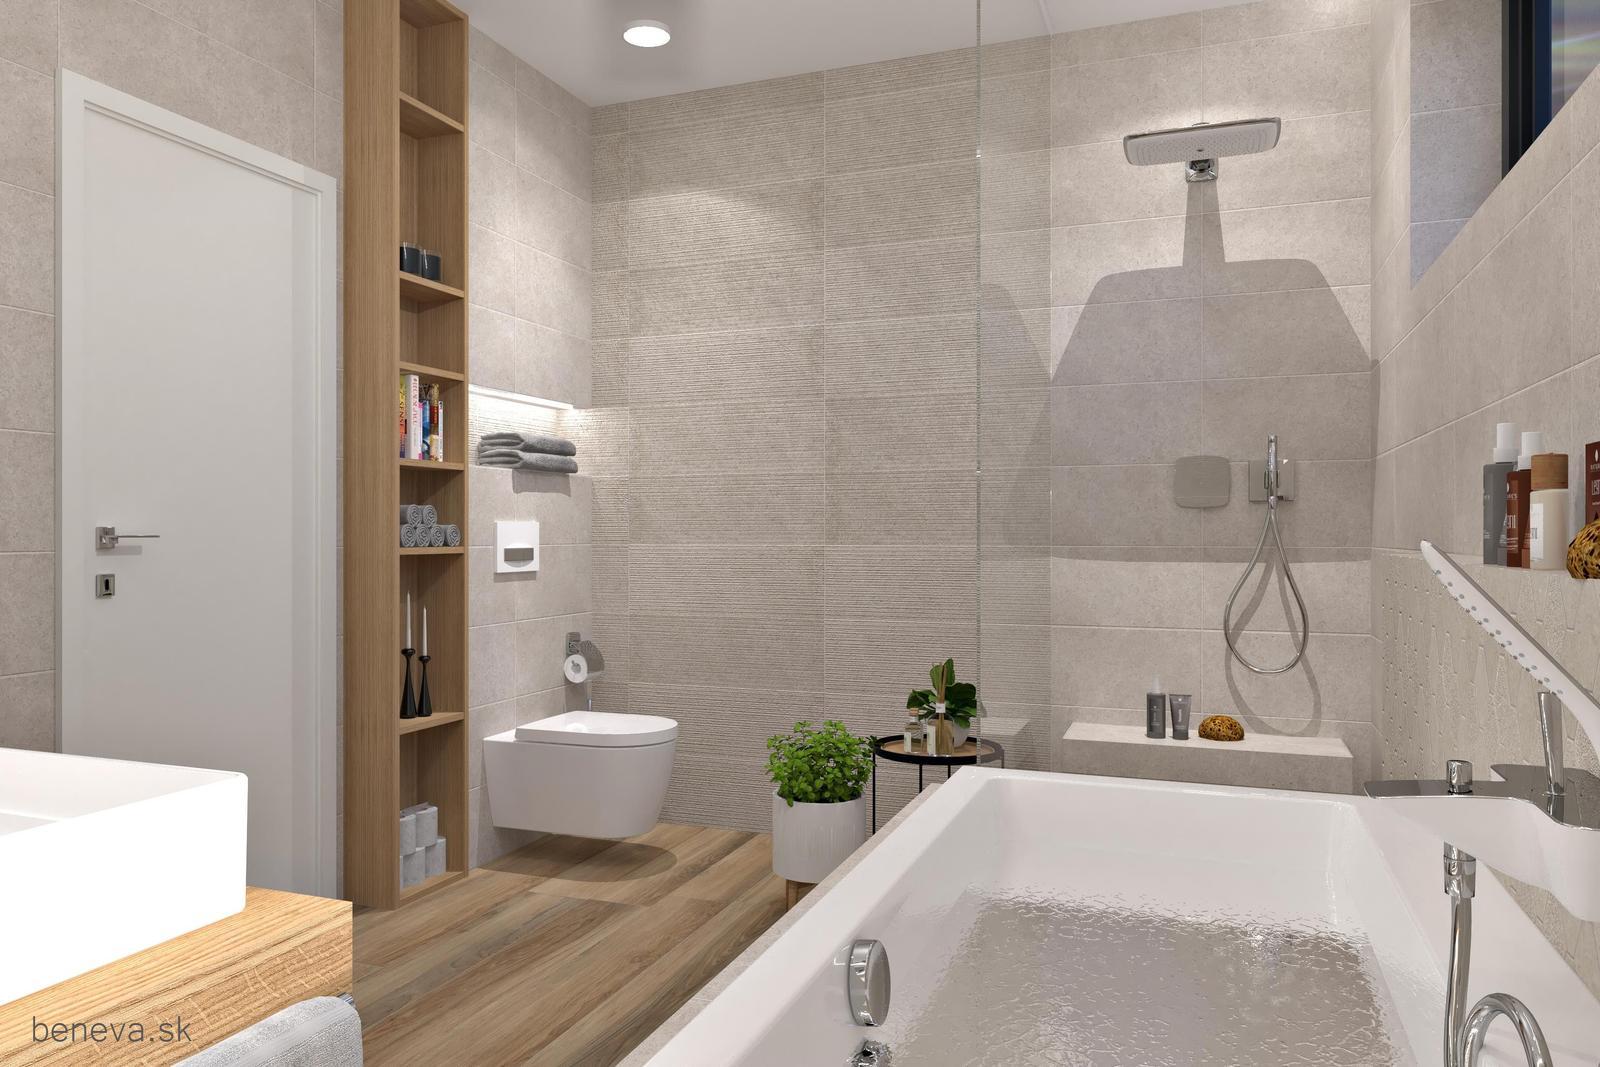 Kúpeľňa v prírodných farbách / Vizualizácia - Obrázok č. 10